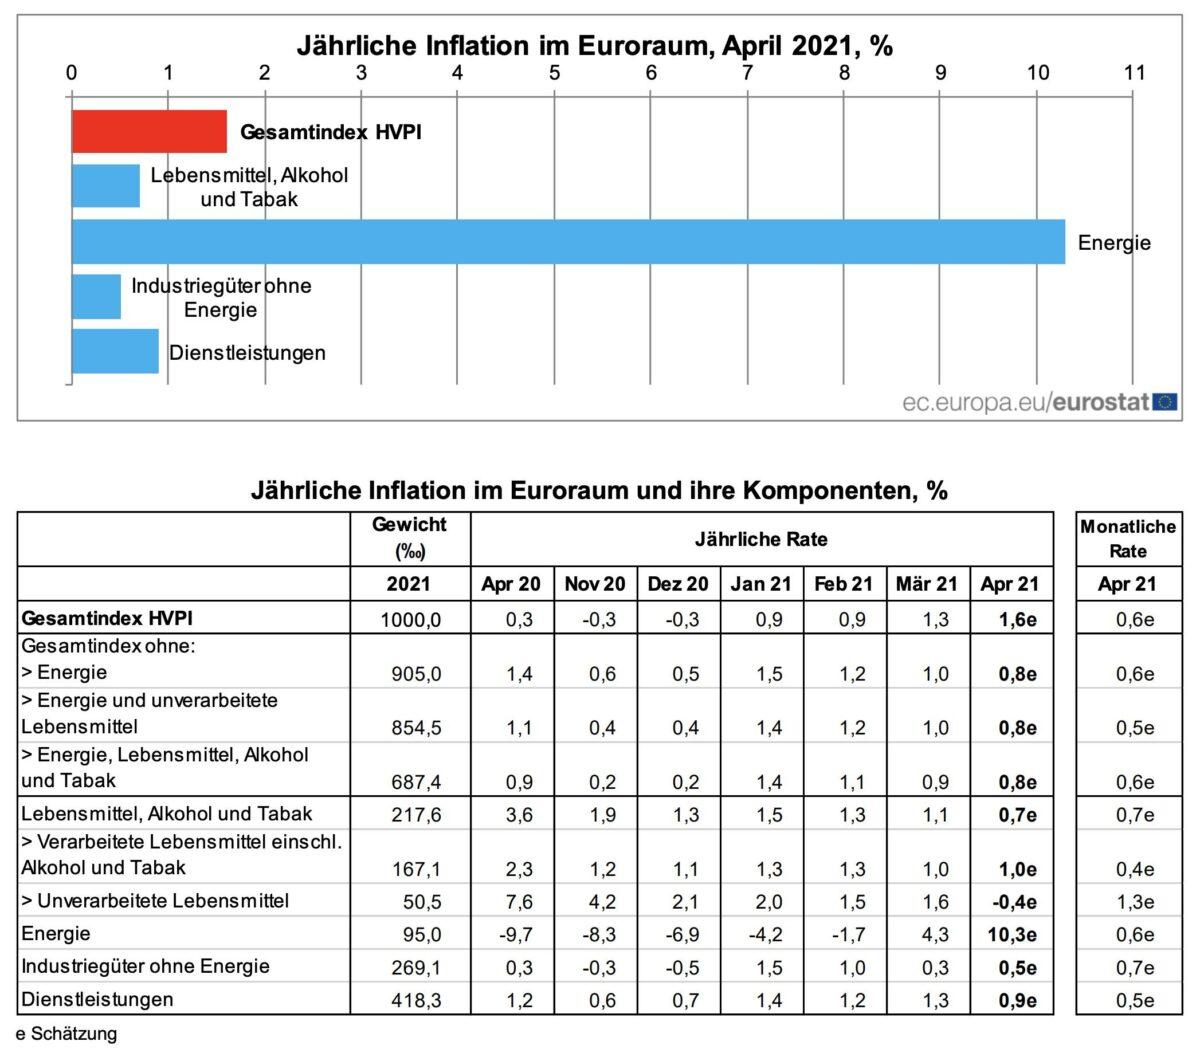 Grafik zeigt Details der Verbraucherpreise in der Eurozone im April